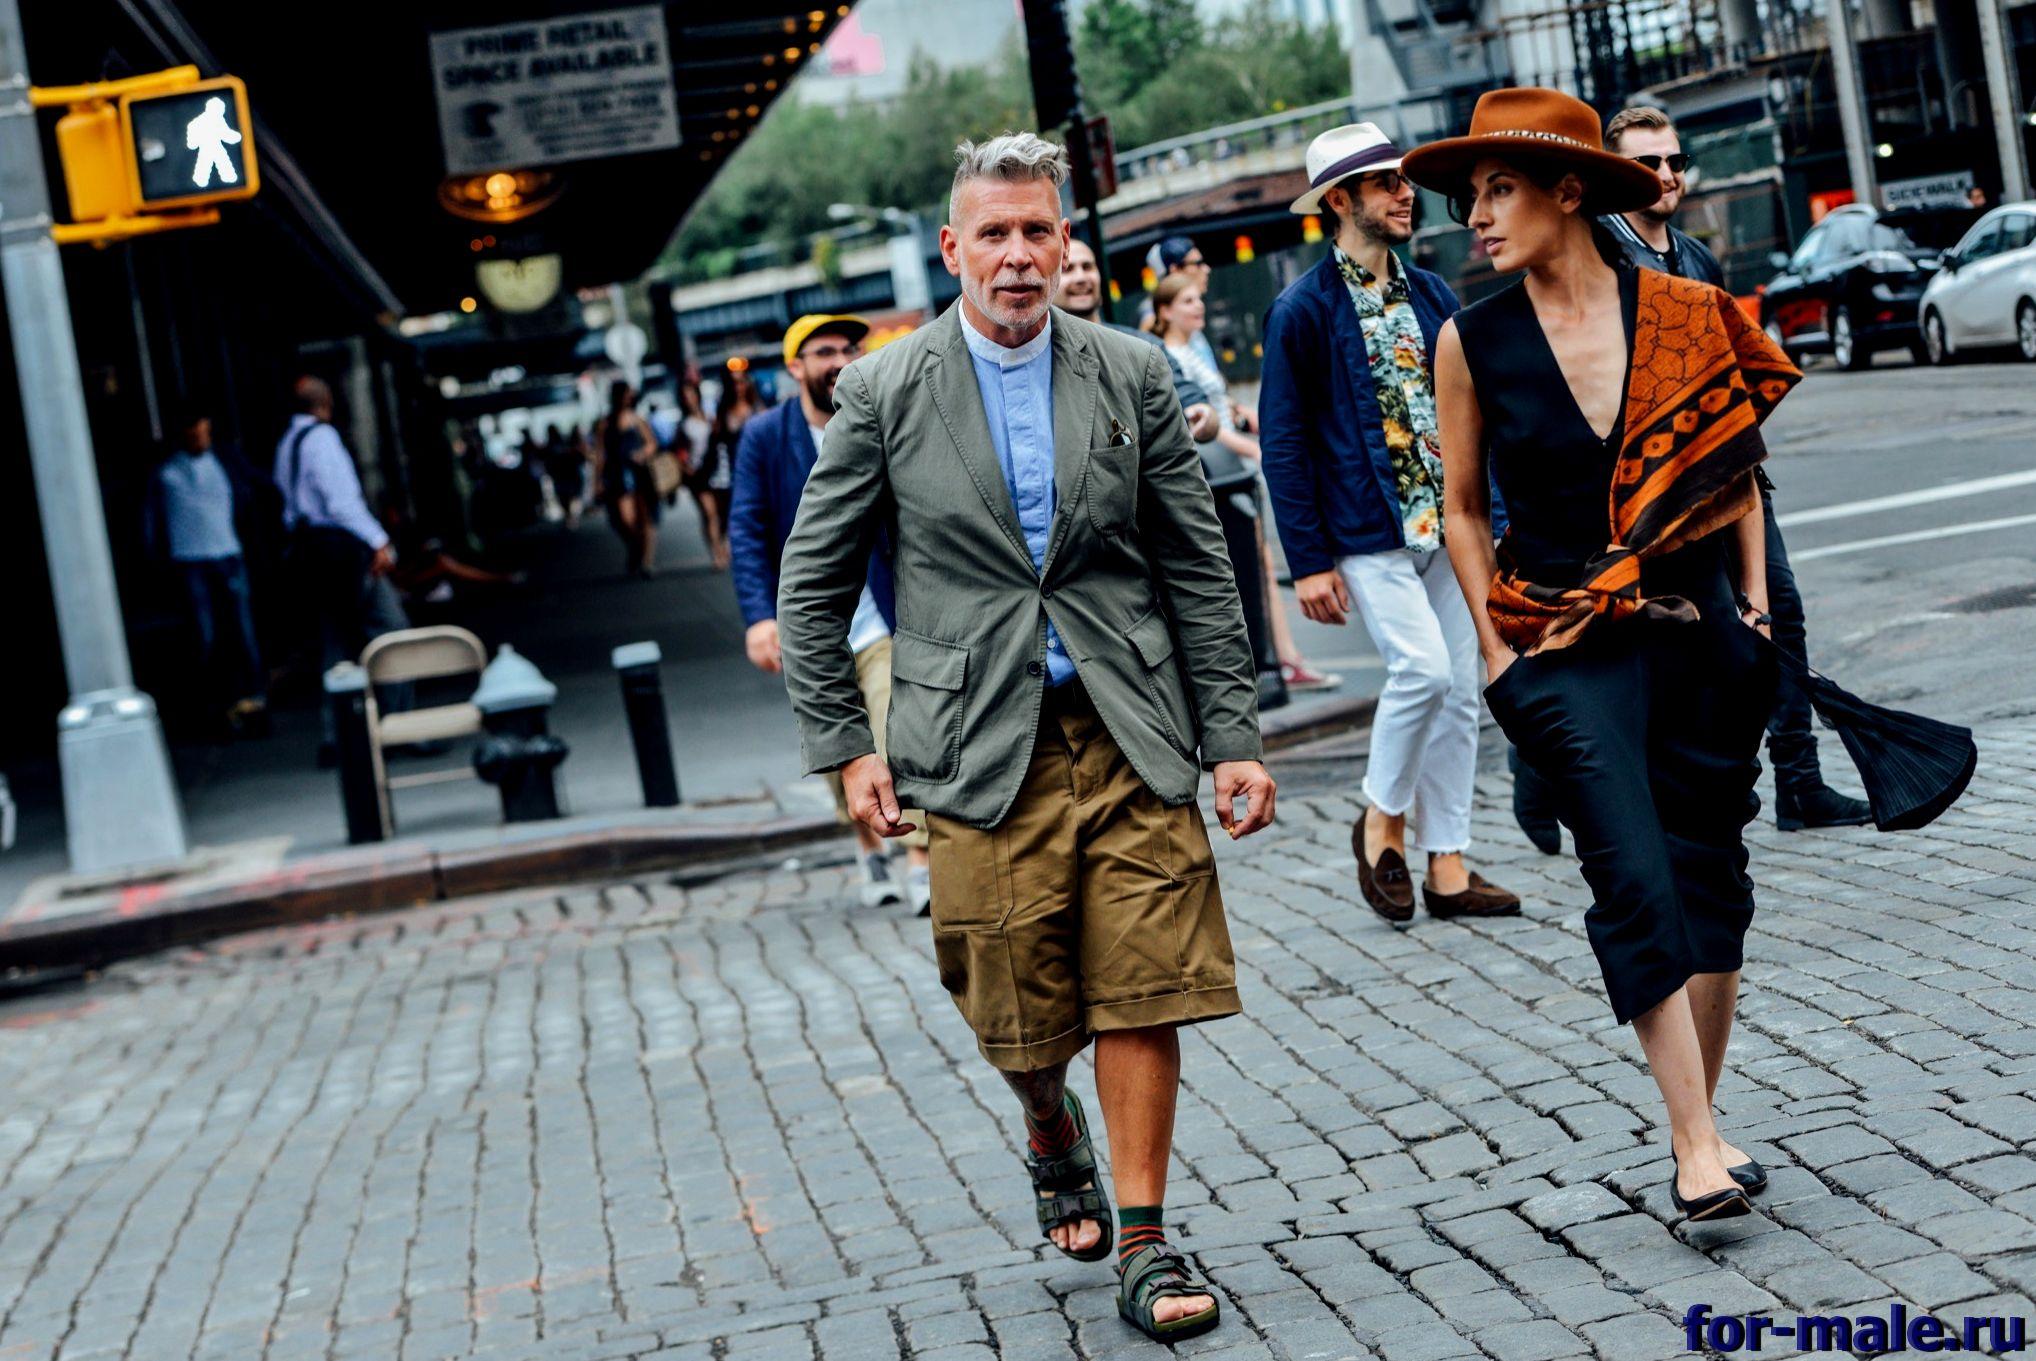 Как правильно носить мужские сандалии